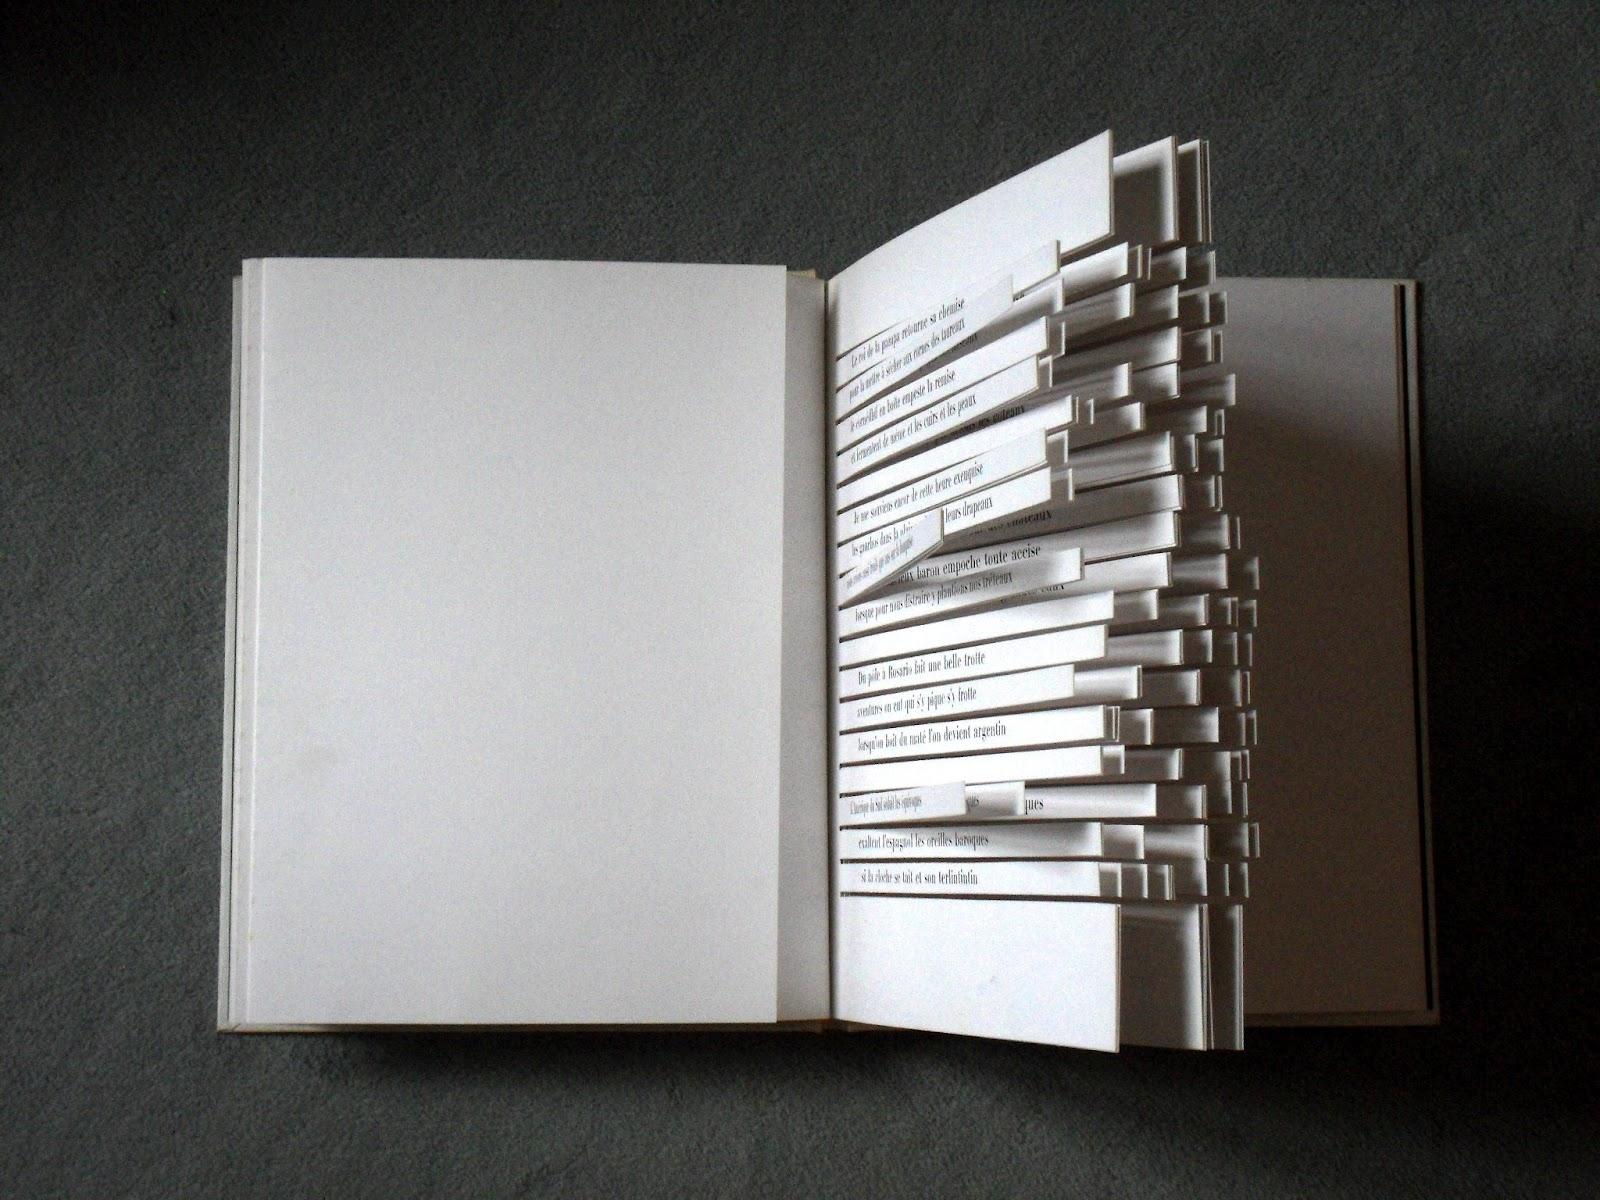 Cent Mille milliard de poèmes - ©http://autrebistrotaccordion.blogspot.fr/